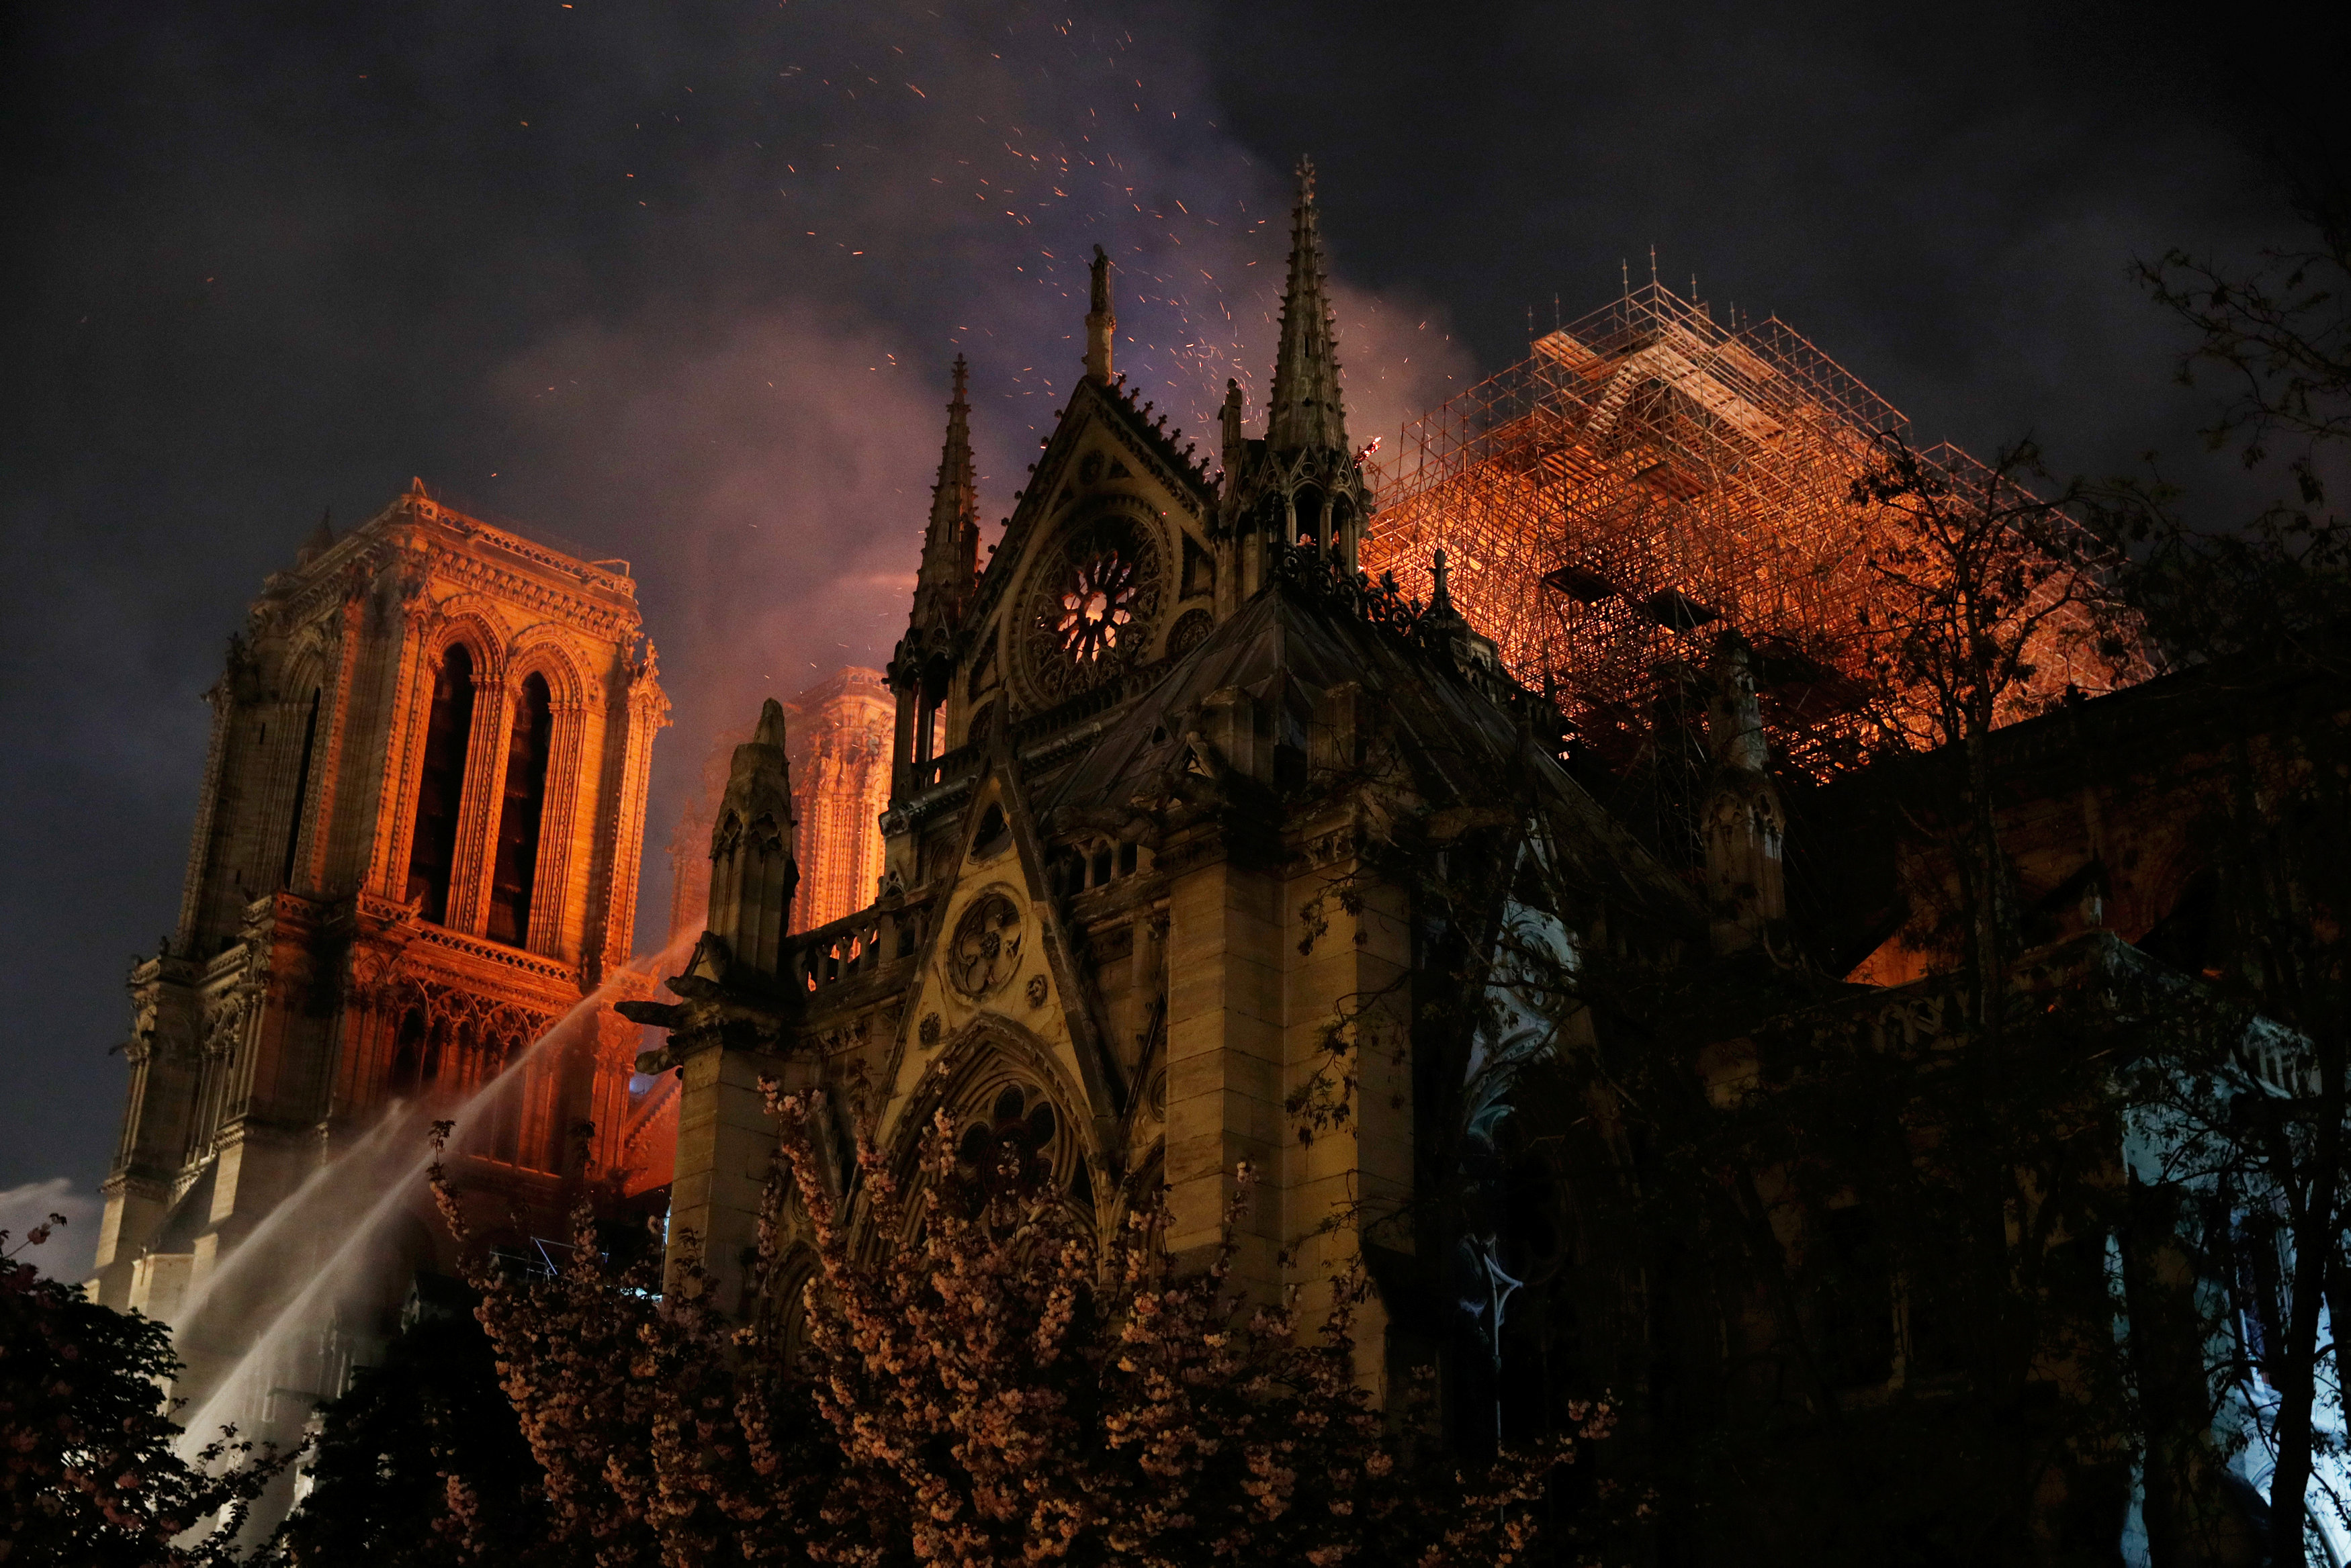 El mundo lamenta con impotencia el incendio que arrasa la Catedral de Notre Dame